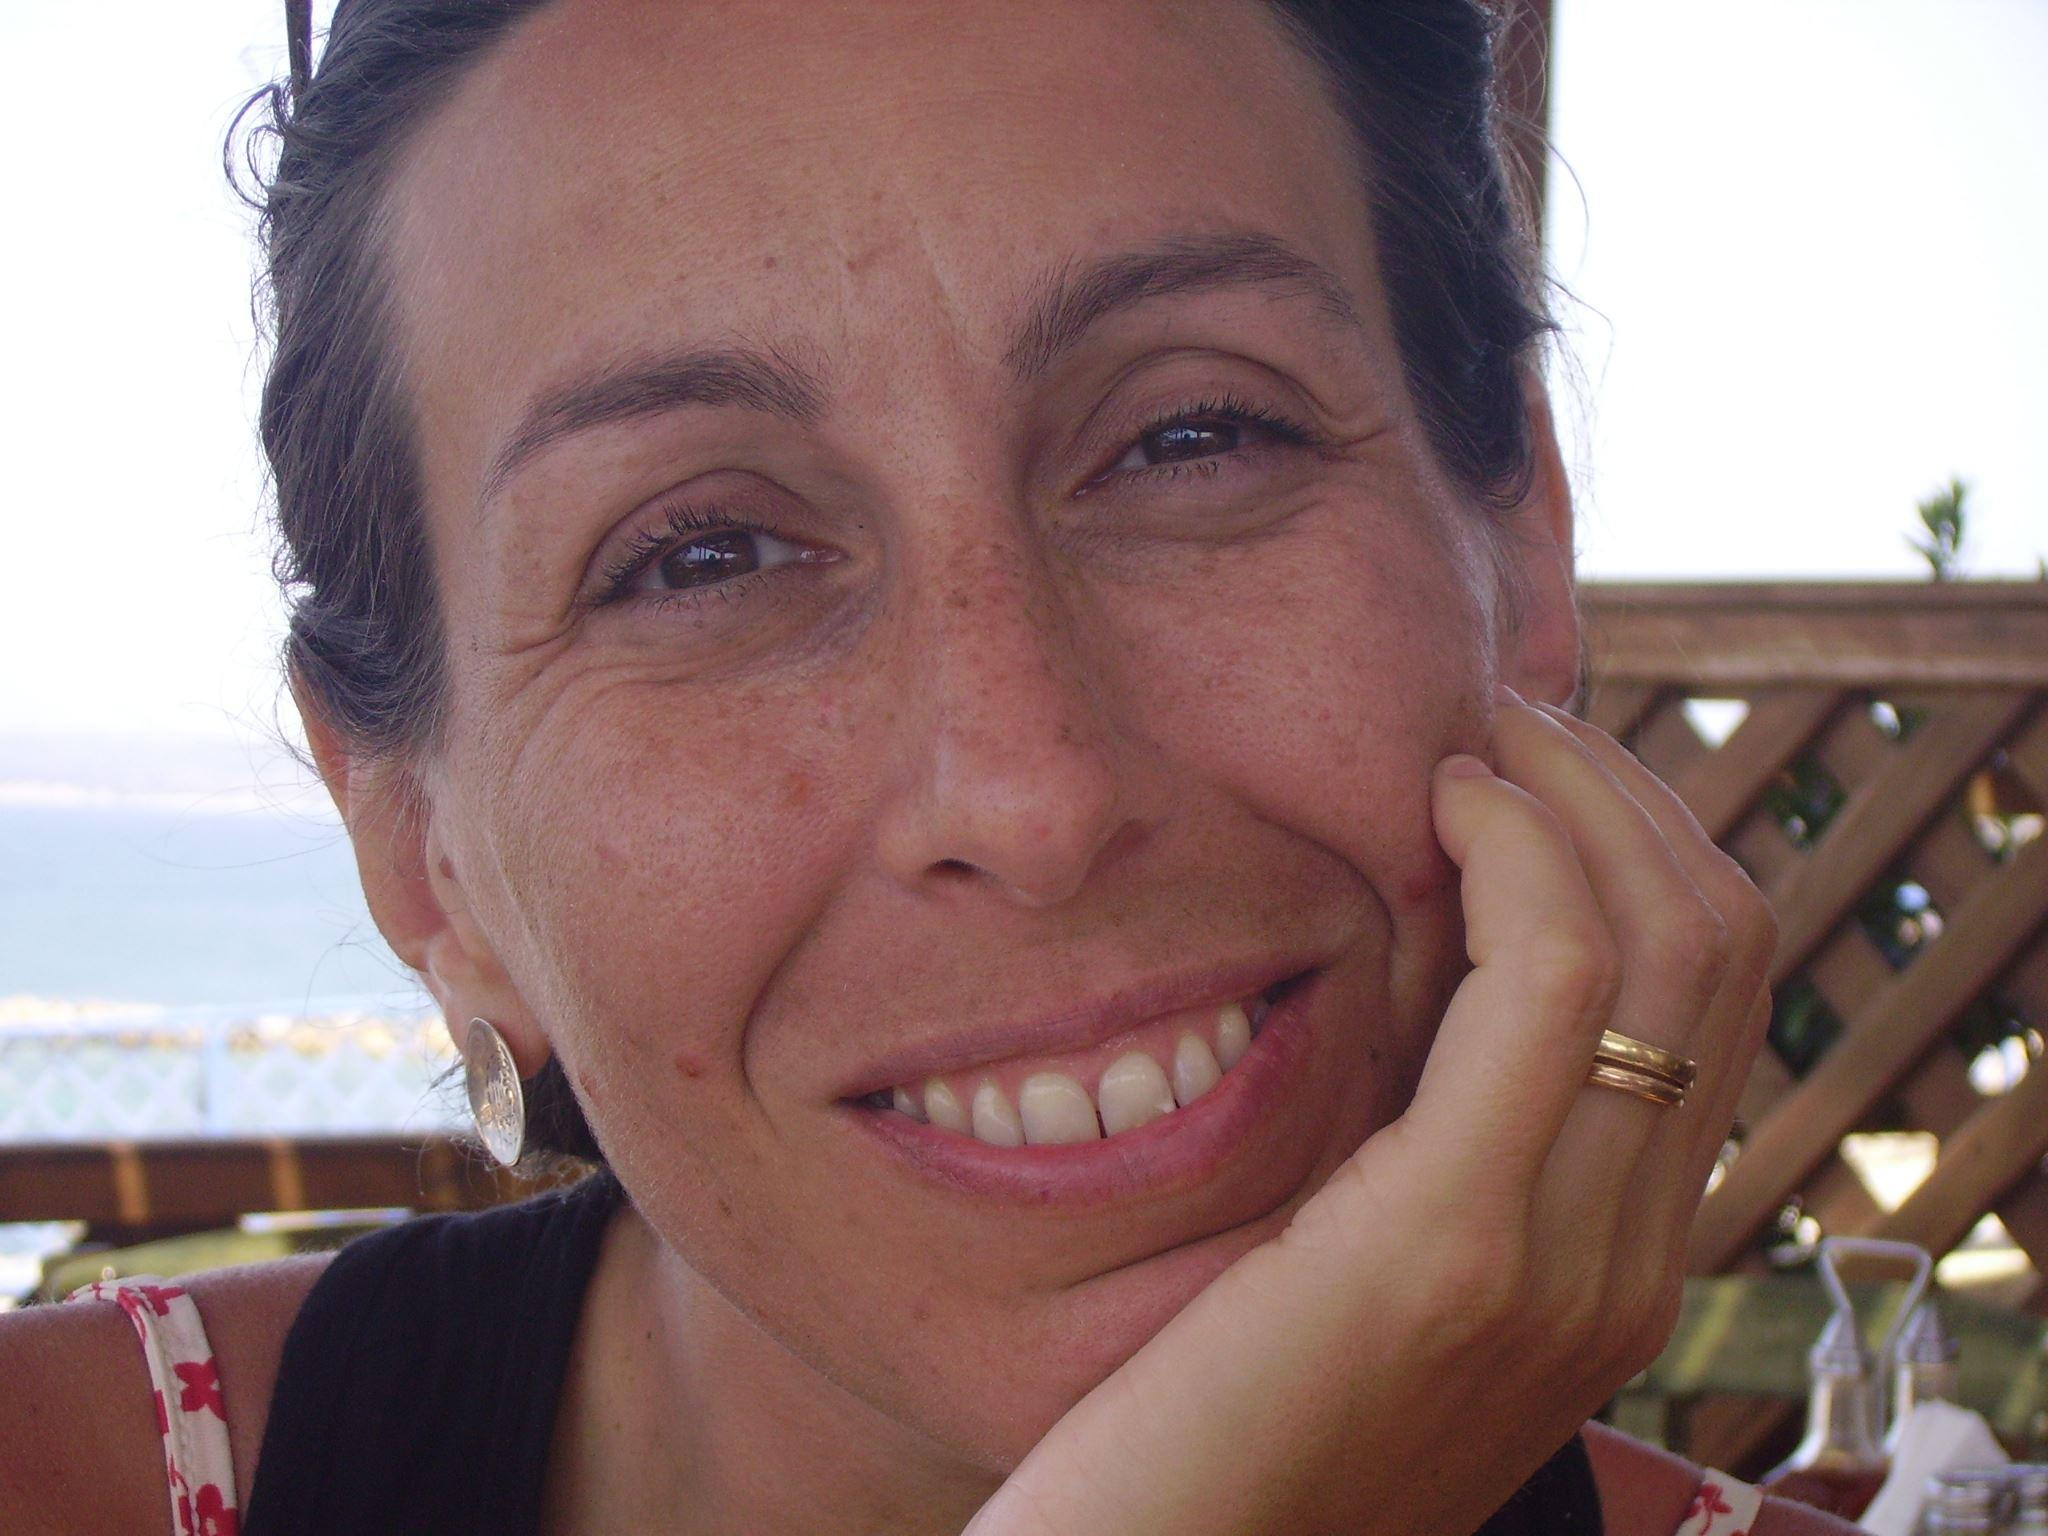 Gite Fuori Porta At Nuova Terra Legnano Sempione News